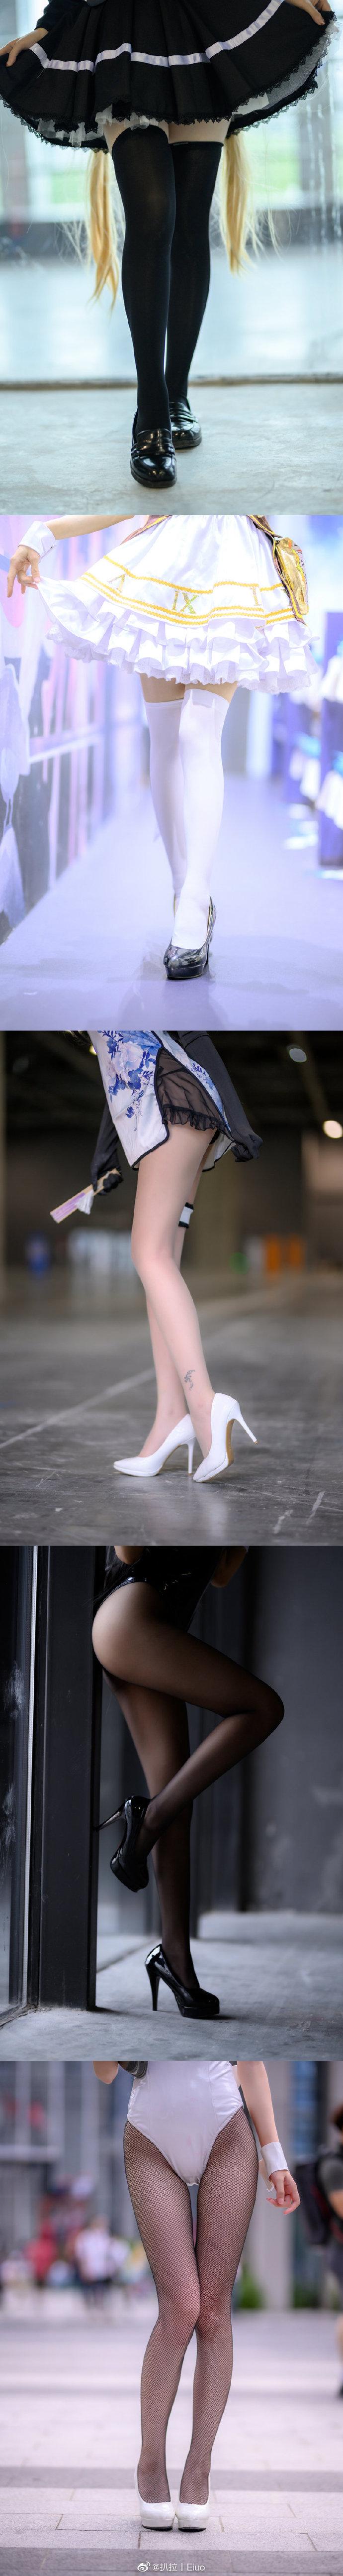 萤火虫漫展摄影合集,满屏大长腿